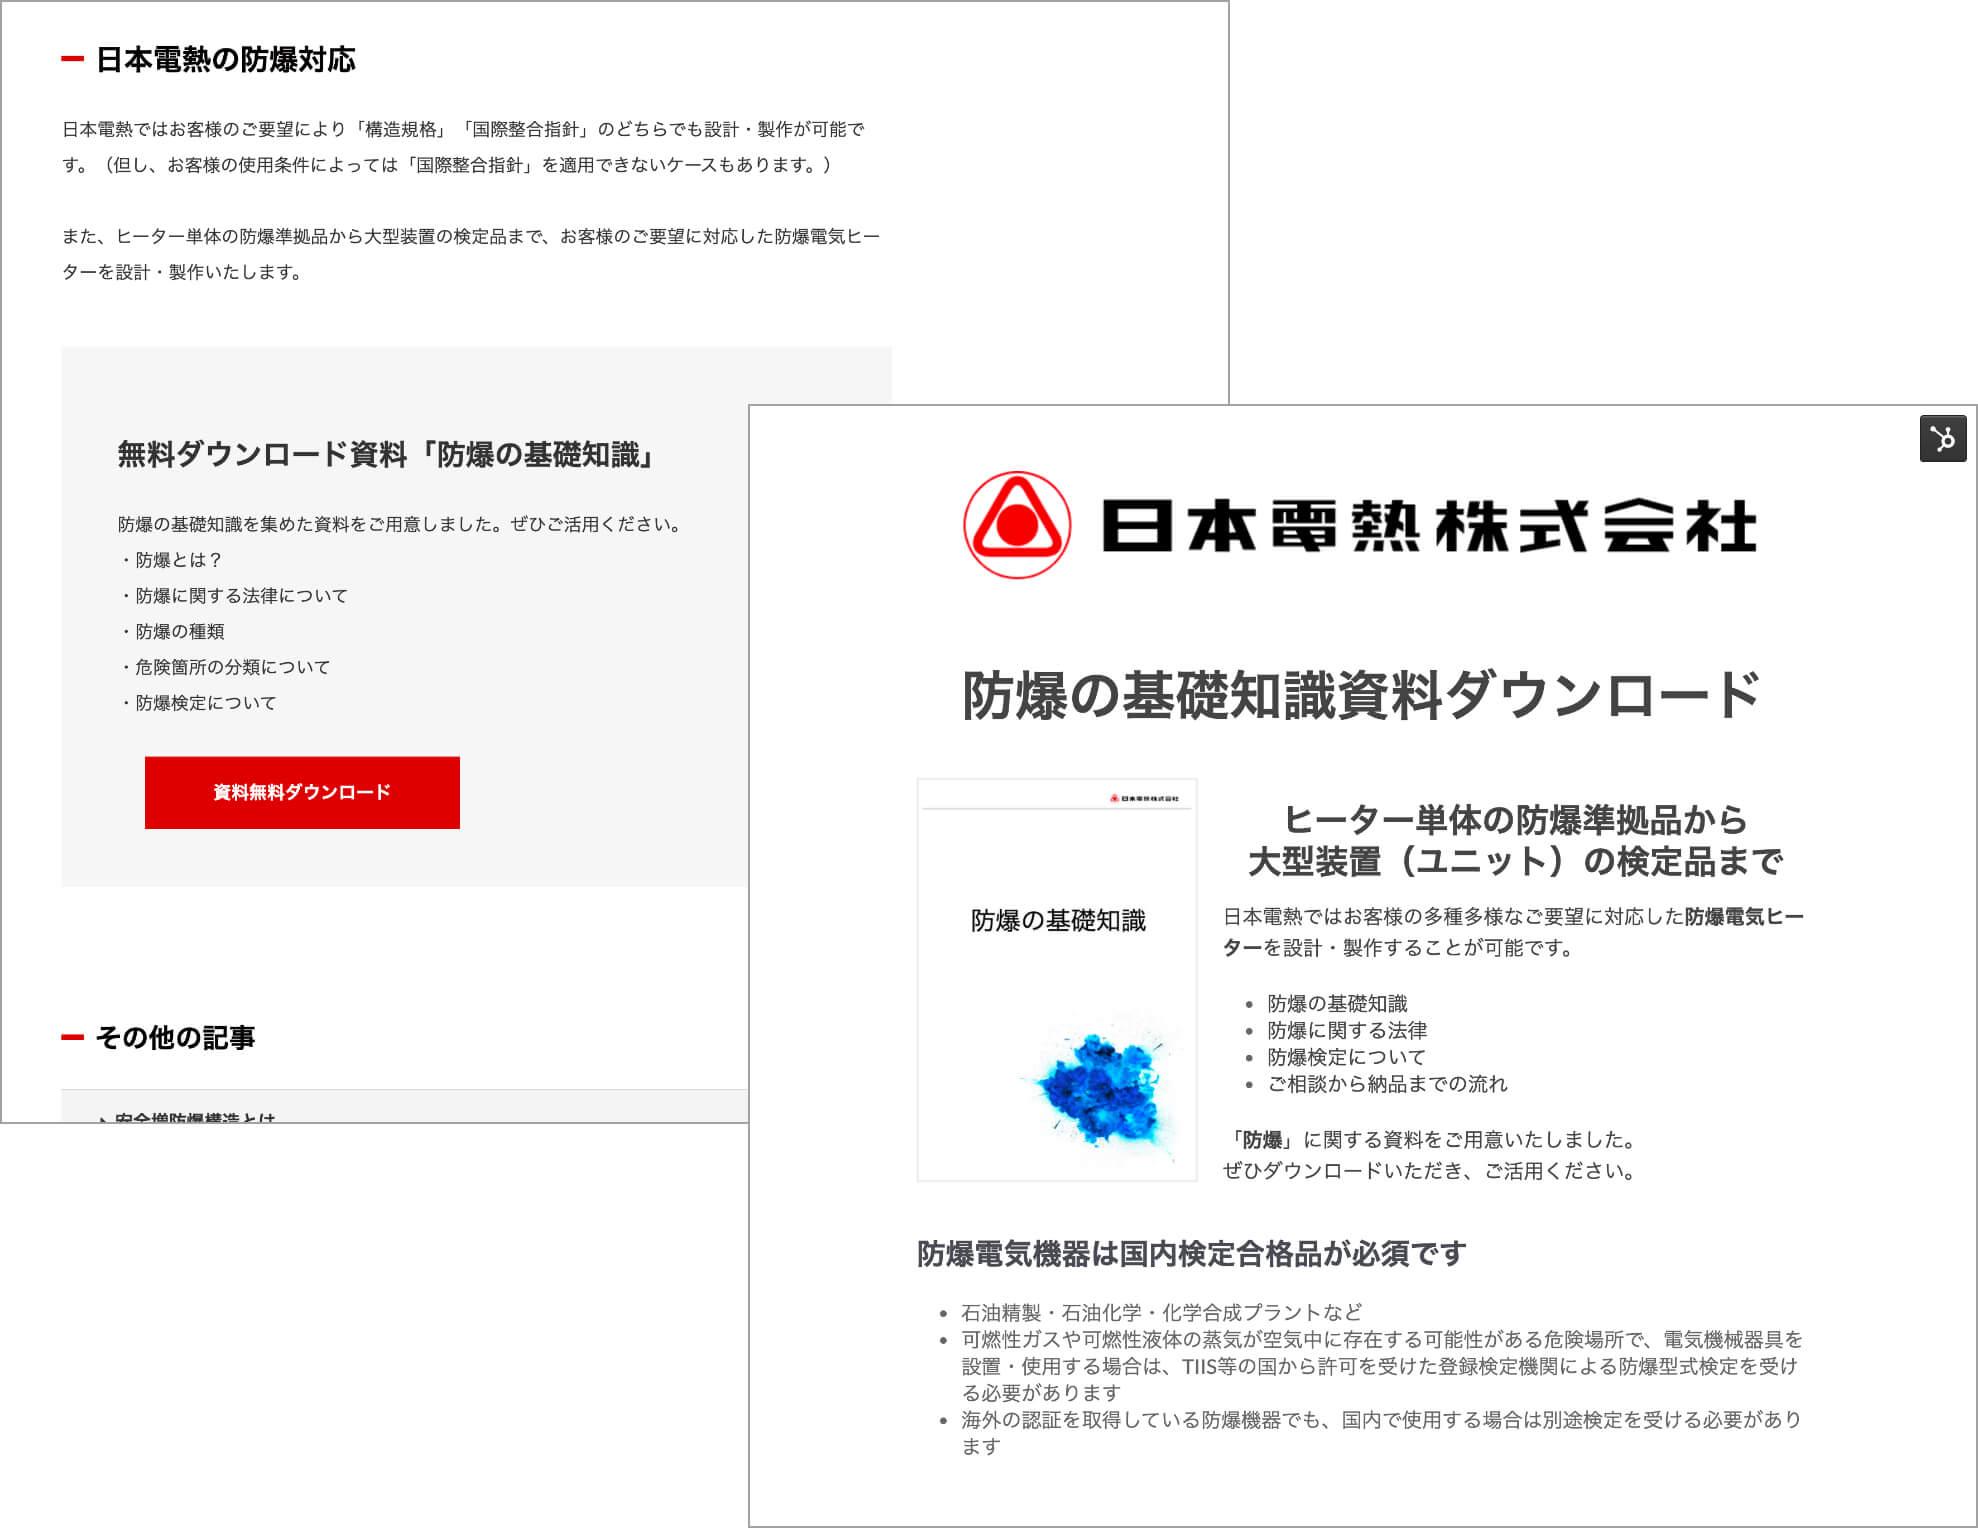 日本電熱_資料ダウンロード